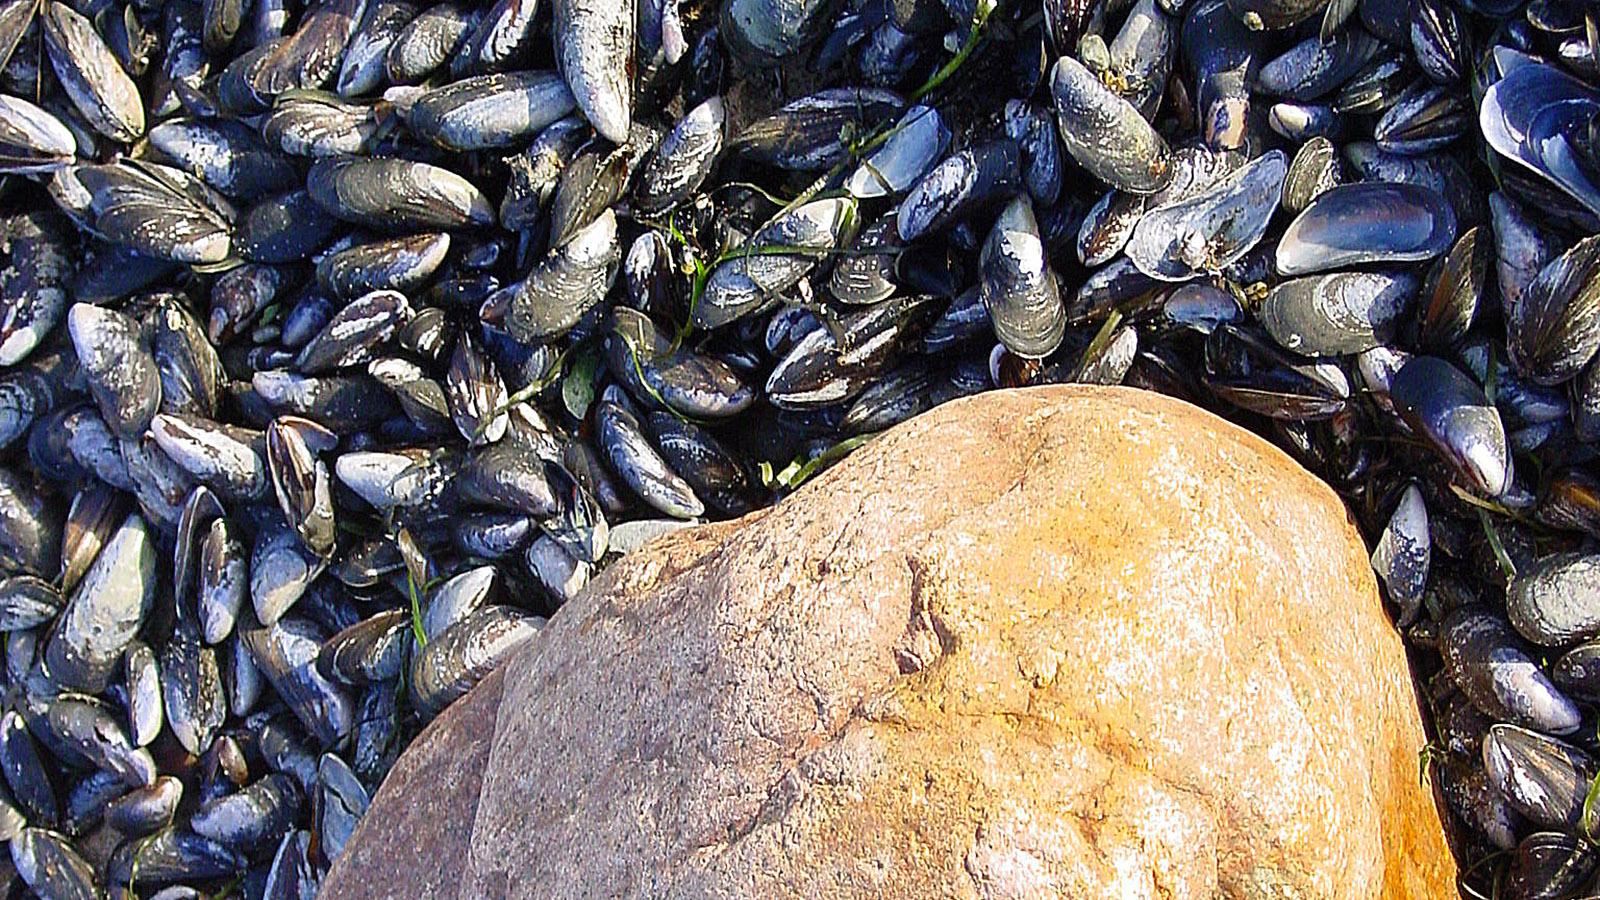 Granit und Miesmuscheln - das omnipräsente Duo an der Ostseeküste des OFL. Foto: Hilke Maunder